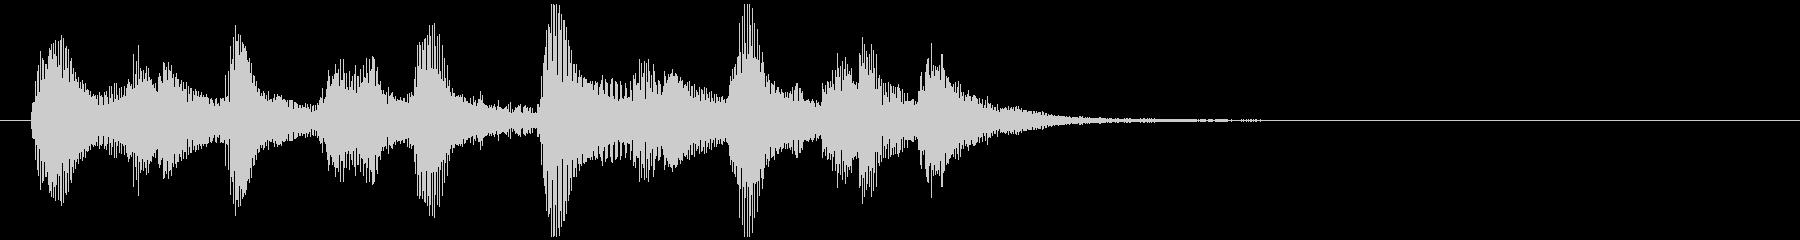 のほほんジングル015_陽気-3の未再生の波形